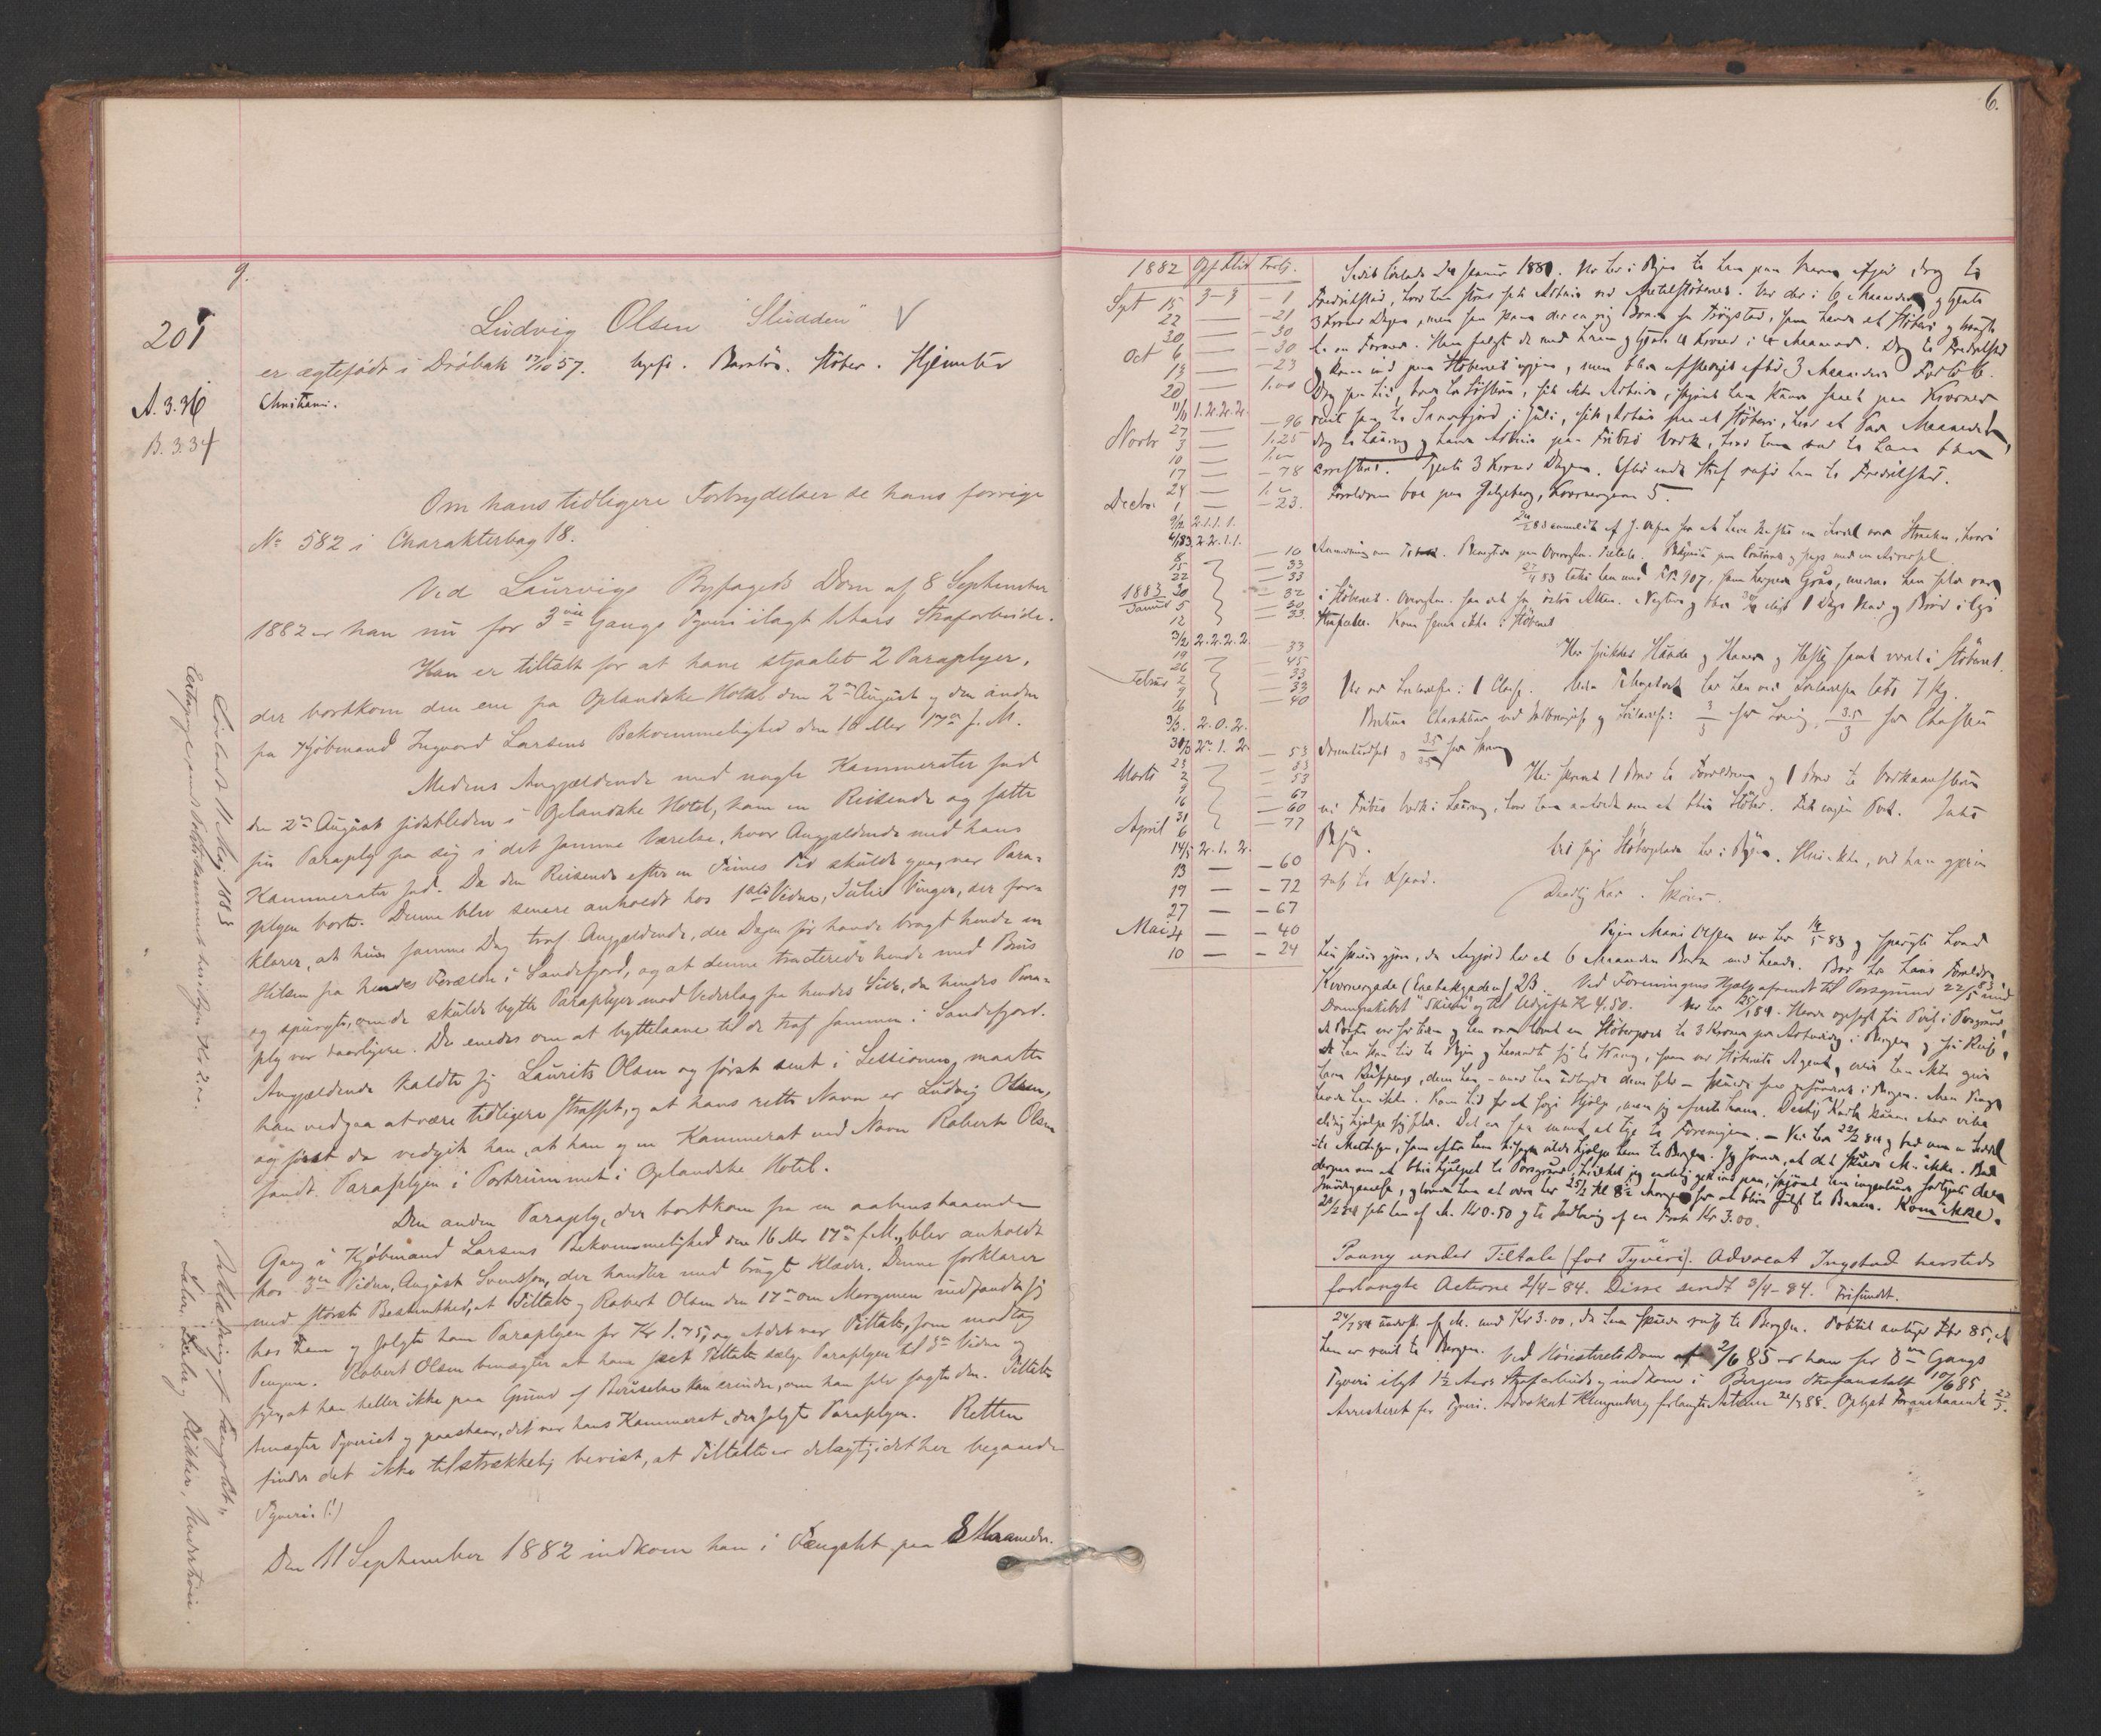 RA, Botsfengslet, D/Db/Dbb/L0021: 196g - 484g, 1882-1884, s. 6